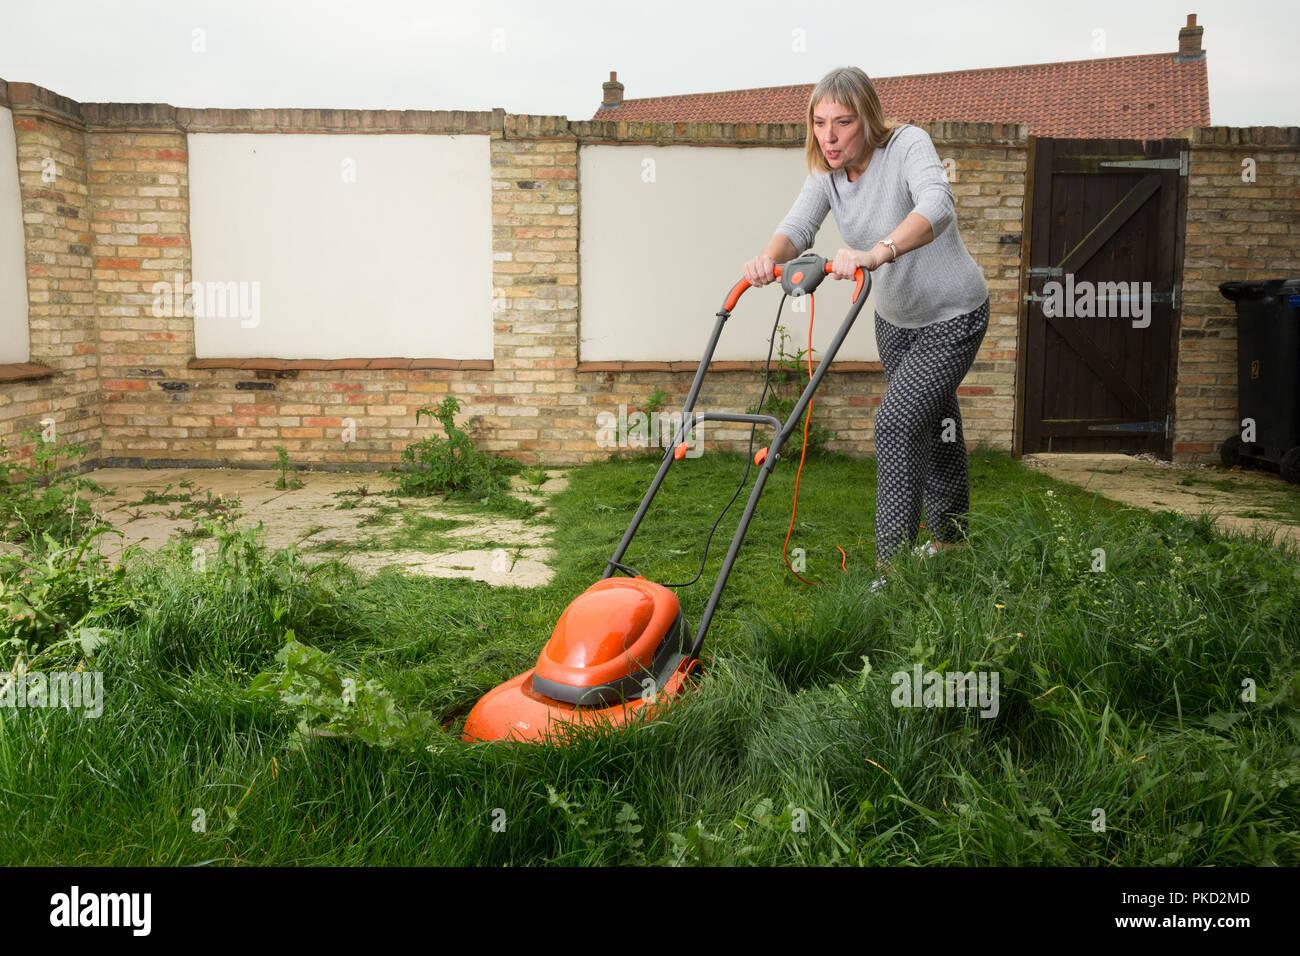 Frau Sehr Lange Gras Mähen Auf Bewachsenem Rasen Stockfoto Bild